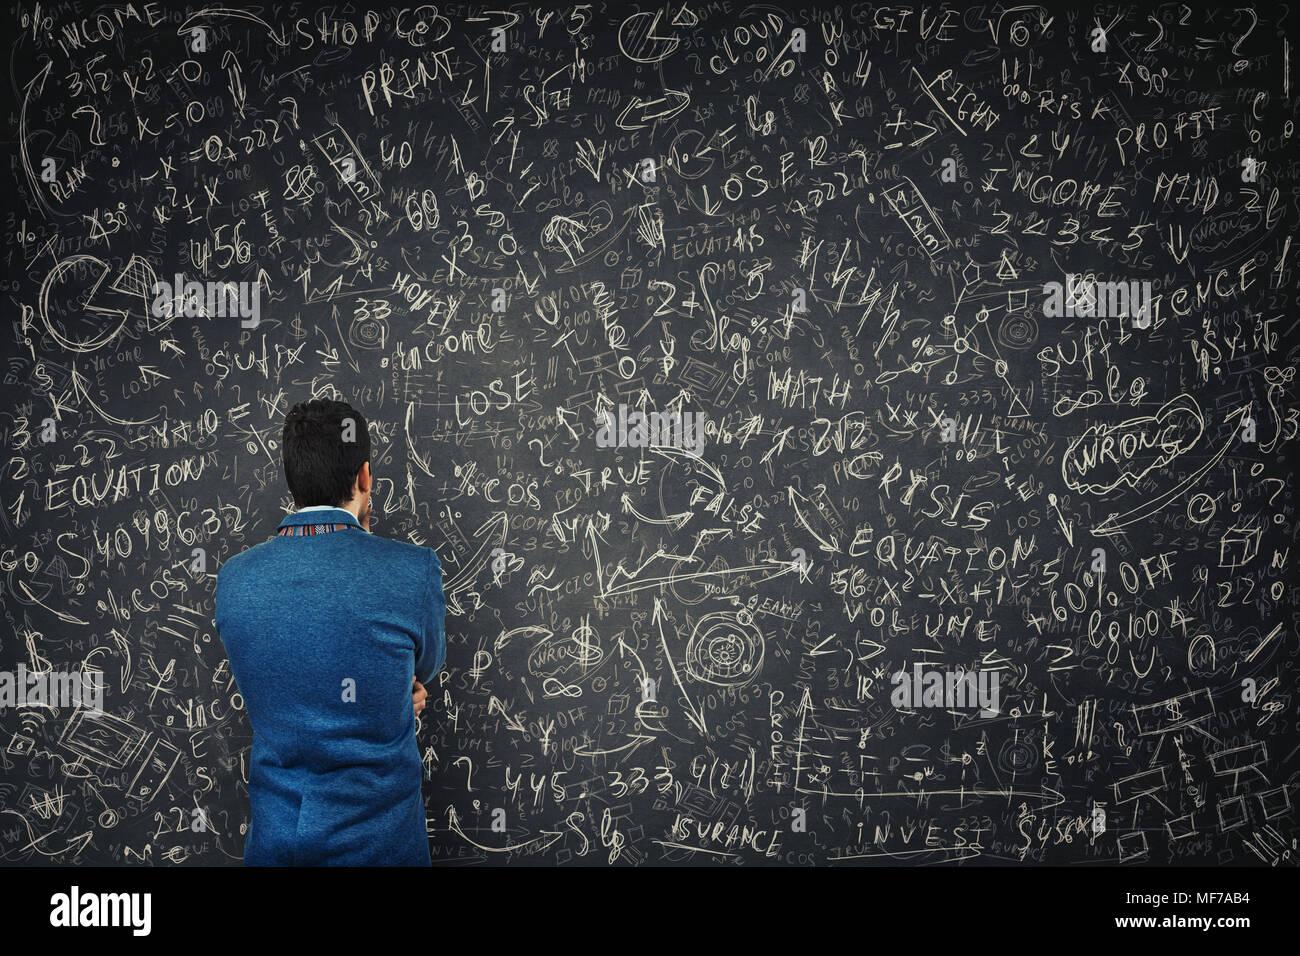 Vue arrière d'un homme perplexe devant un immense tableau noir essayer de résoudre les mathématiques Calcul, équations et formules. Projet de réflexion Photo Stock